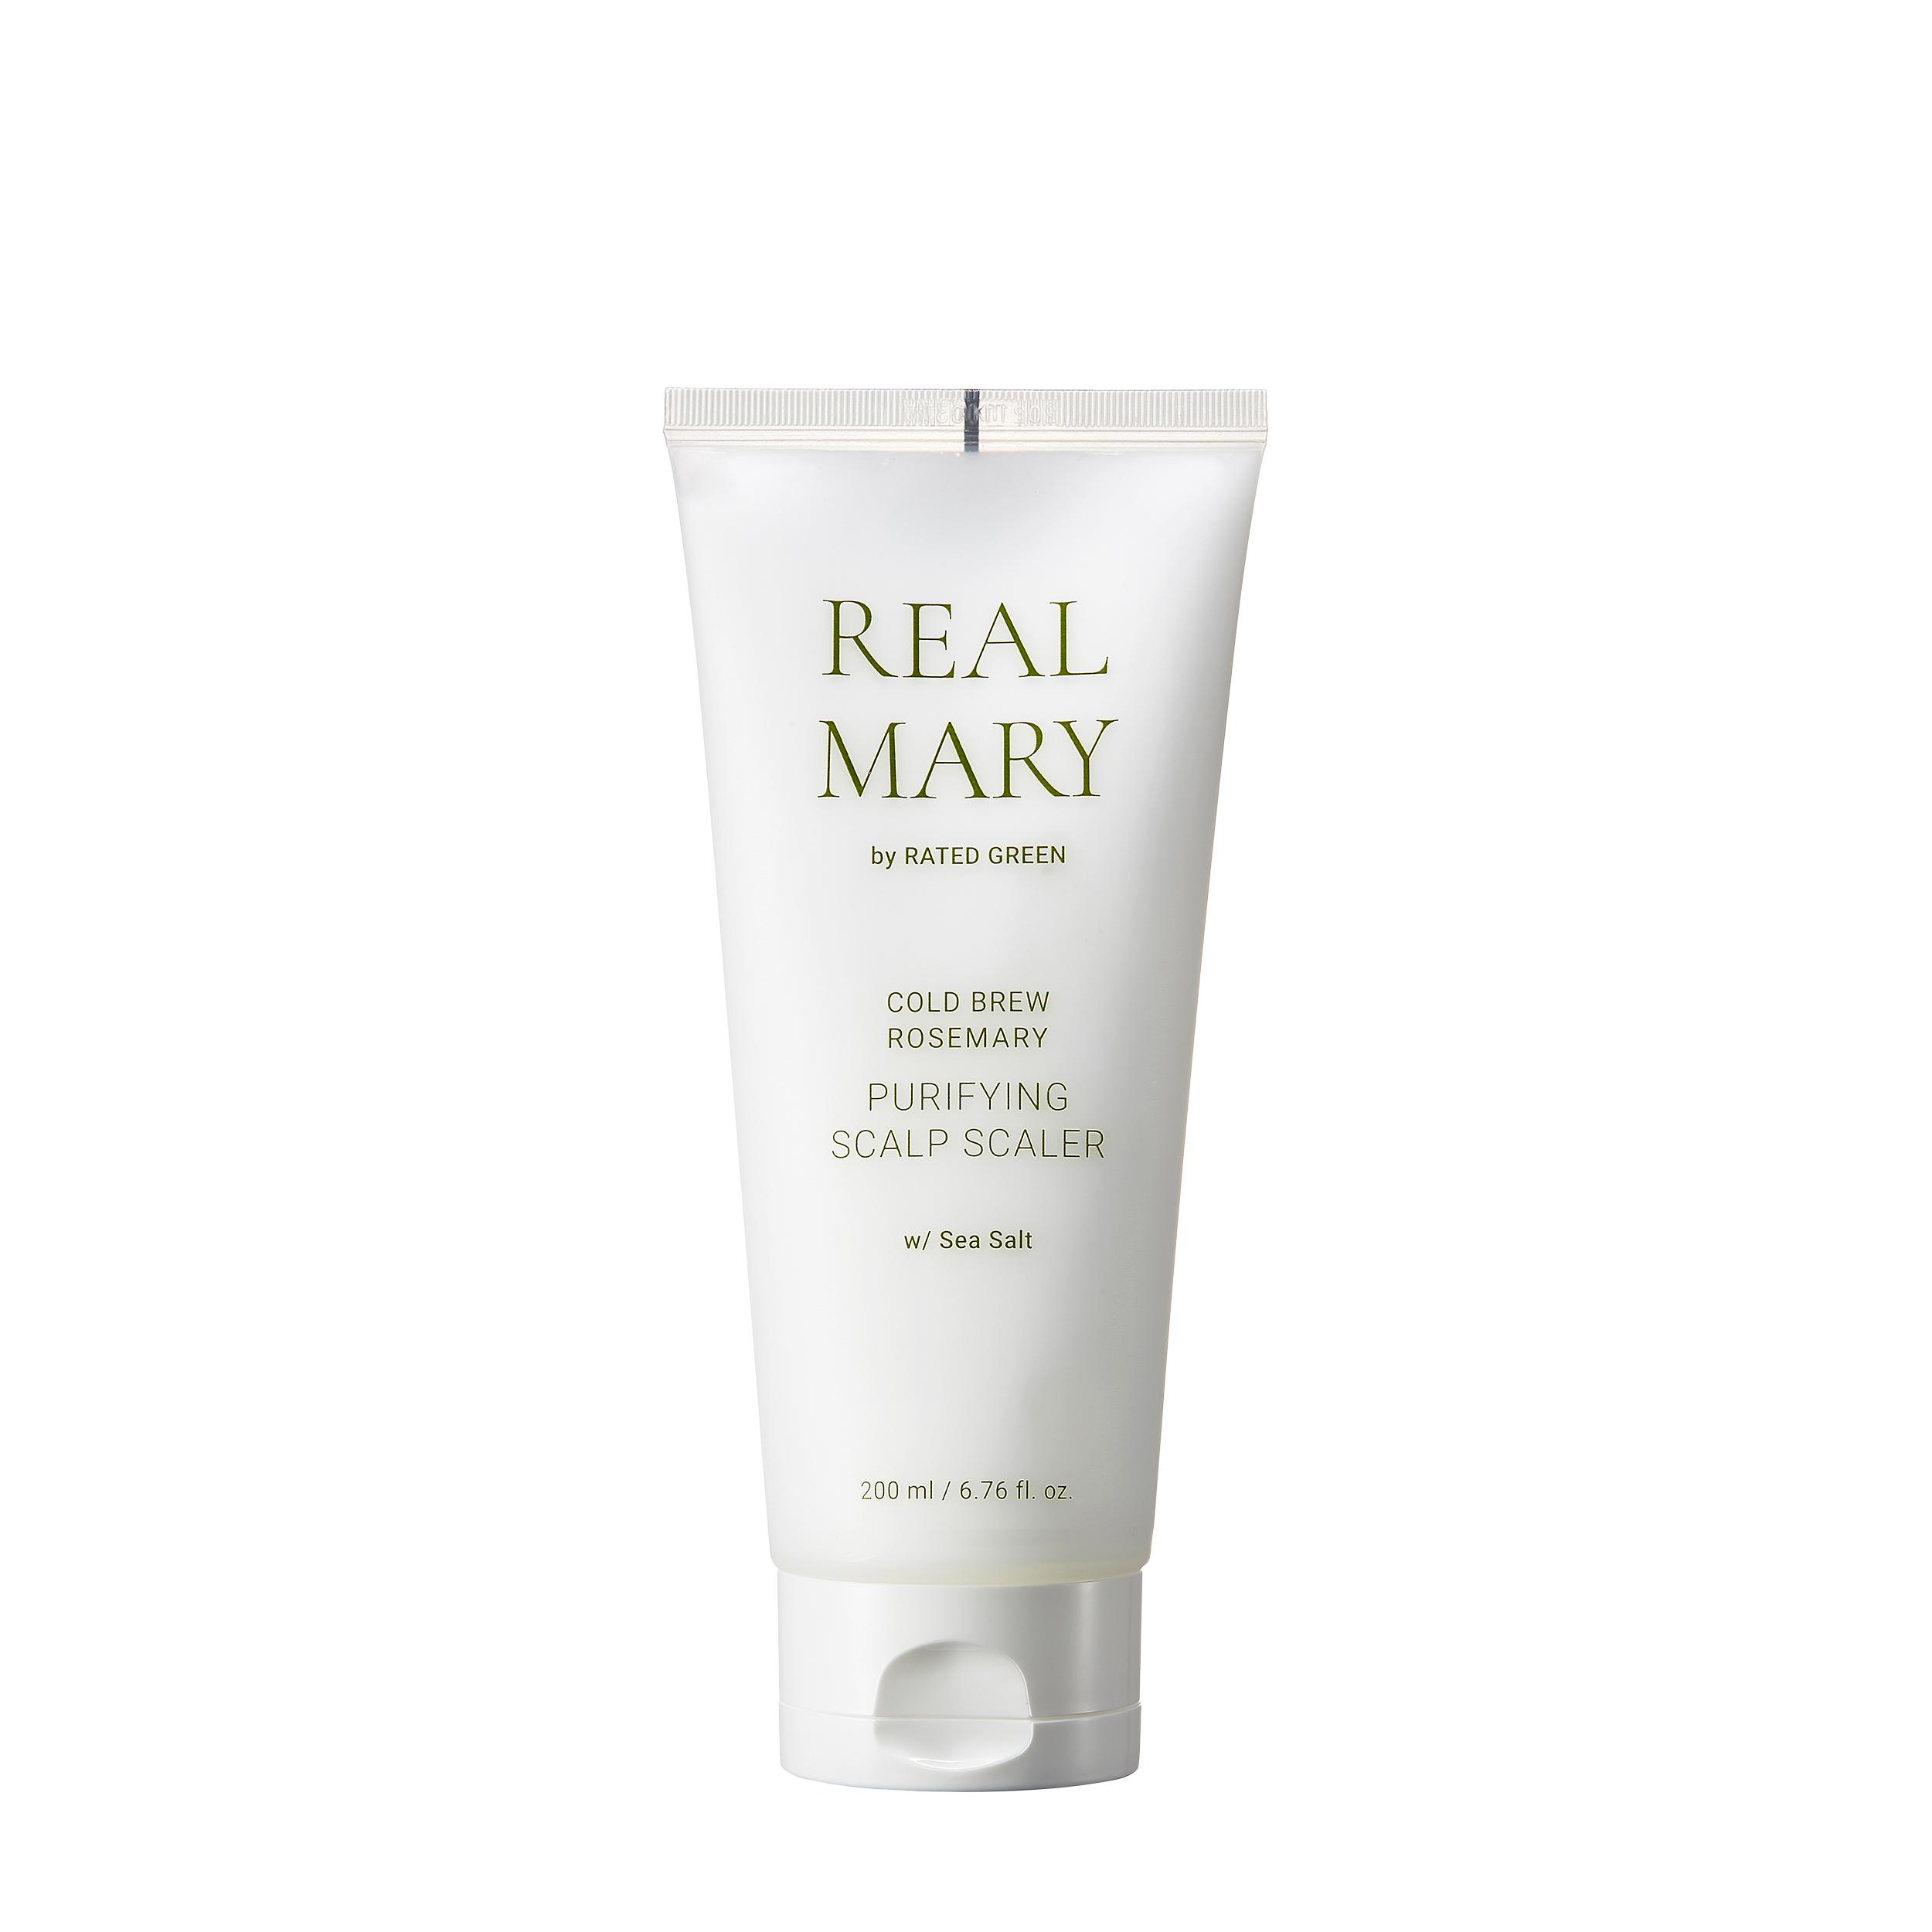 Купить Rated Green Очищающая и отшелушивающая маска для кожи головы Real Mary Purifying Scalp Scaler